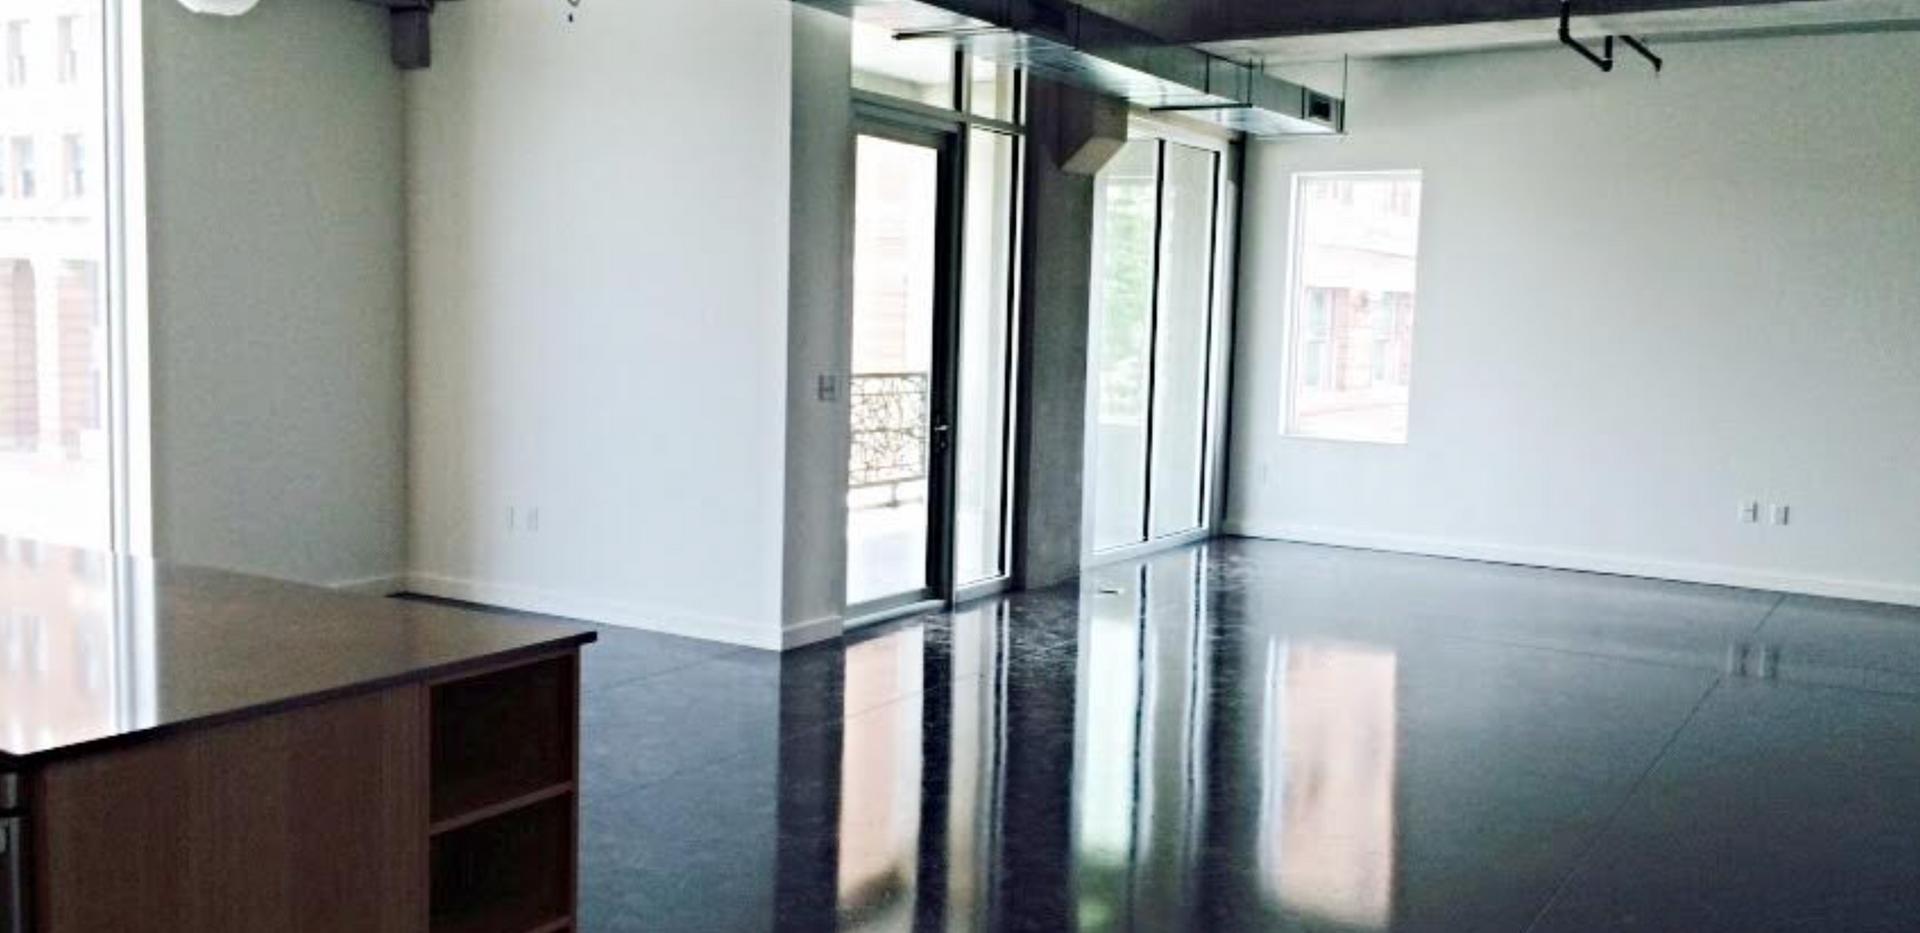 Studio 209 P1.png